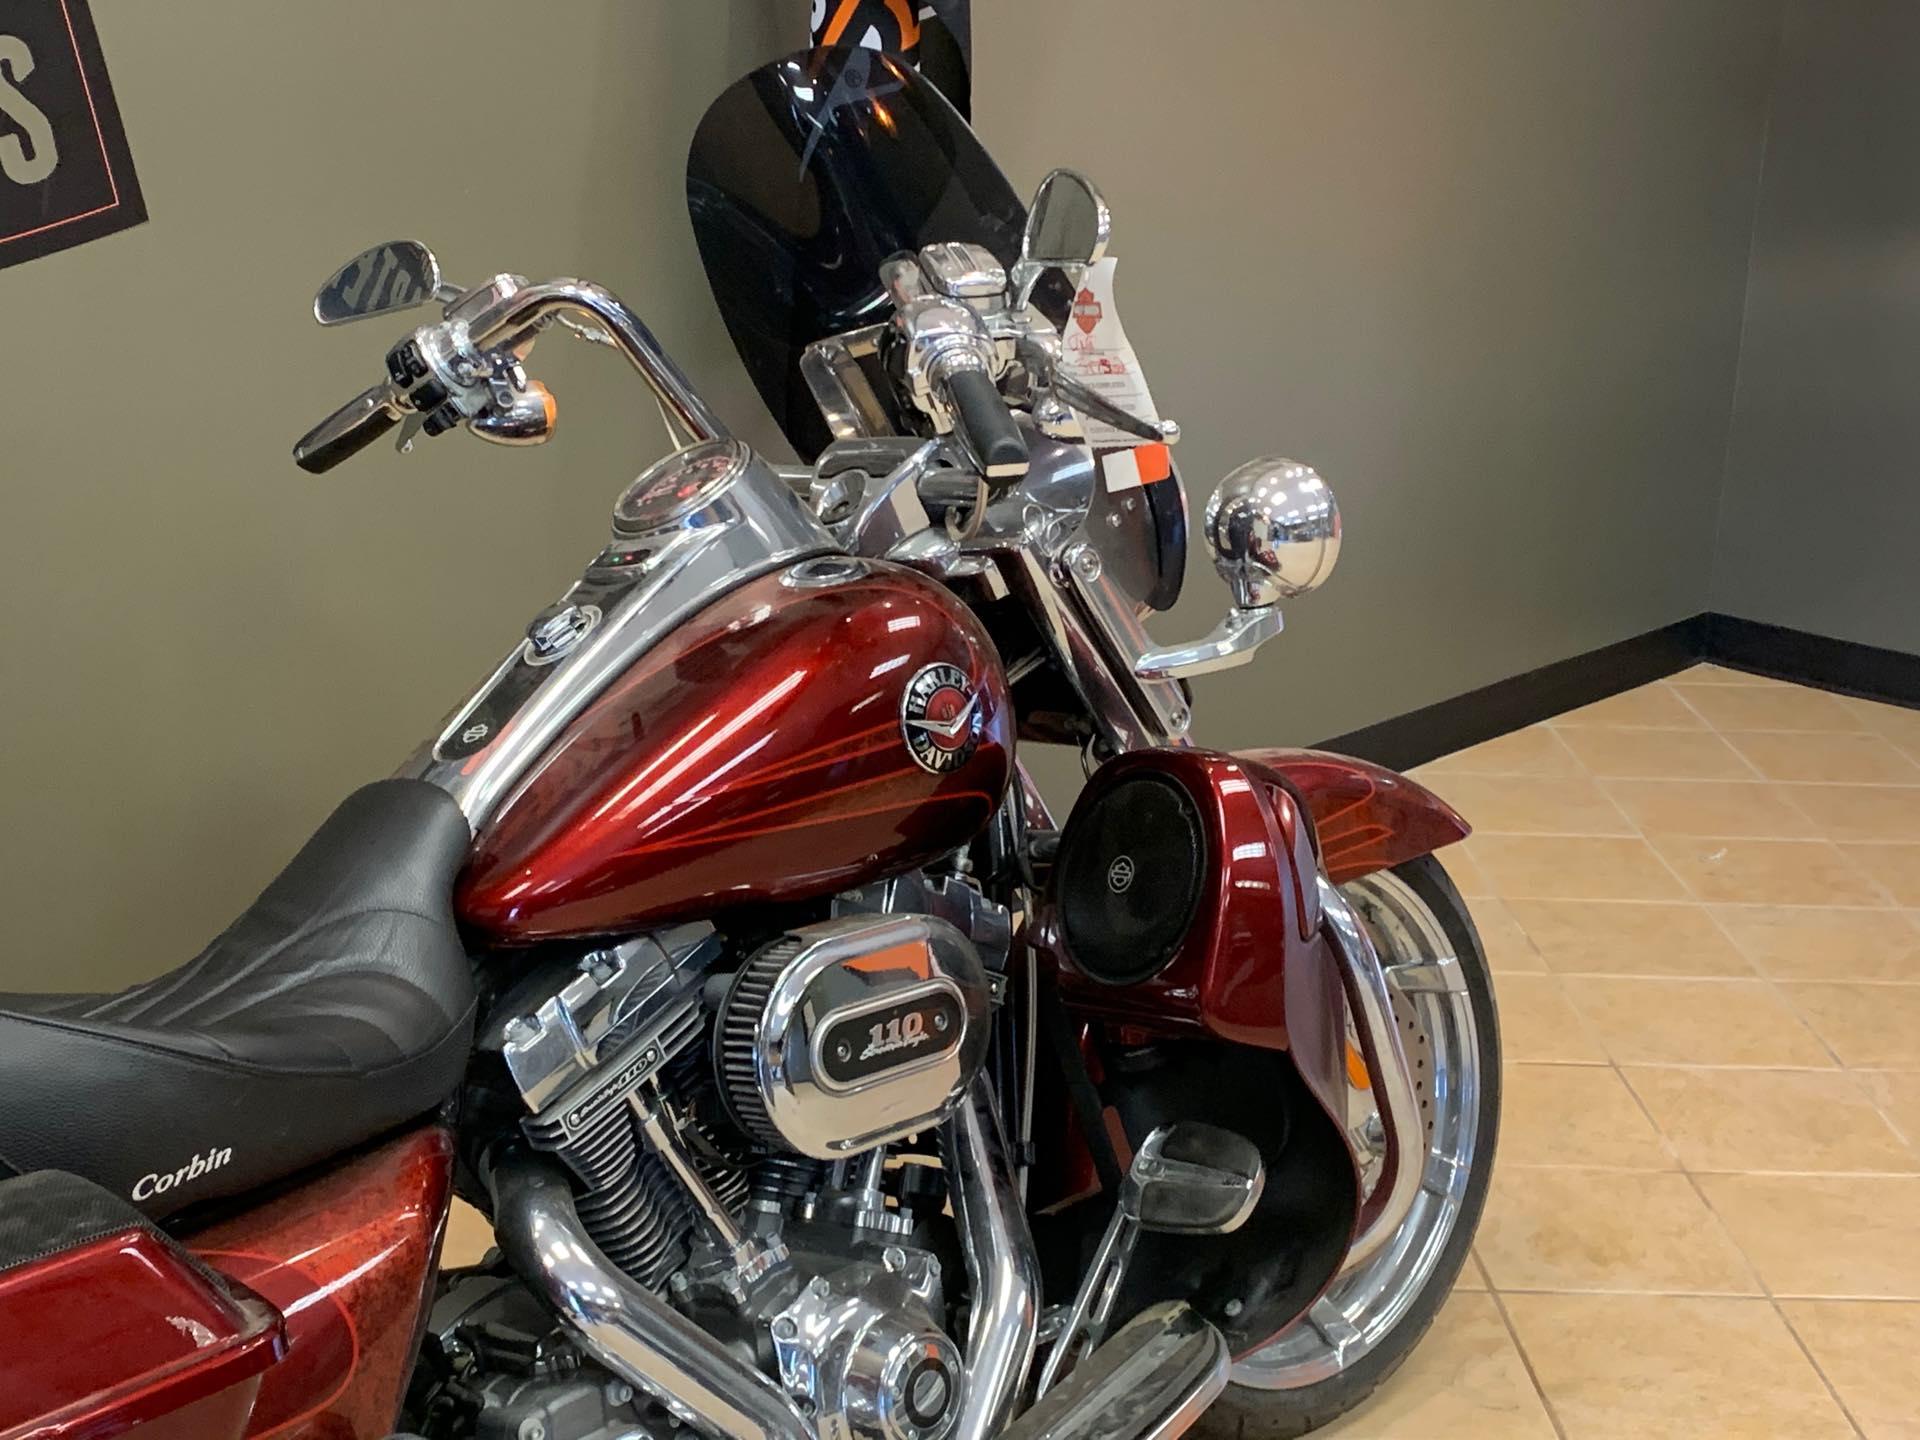 2013 Harley-Davidson Road King CVO at Loess Hills Harley-Davidson